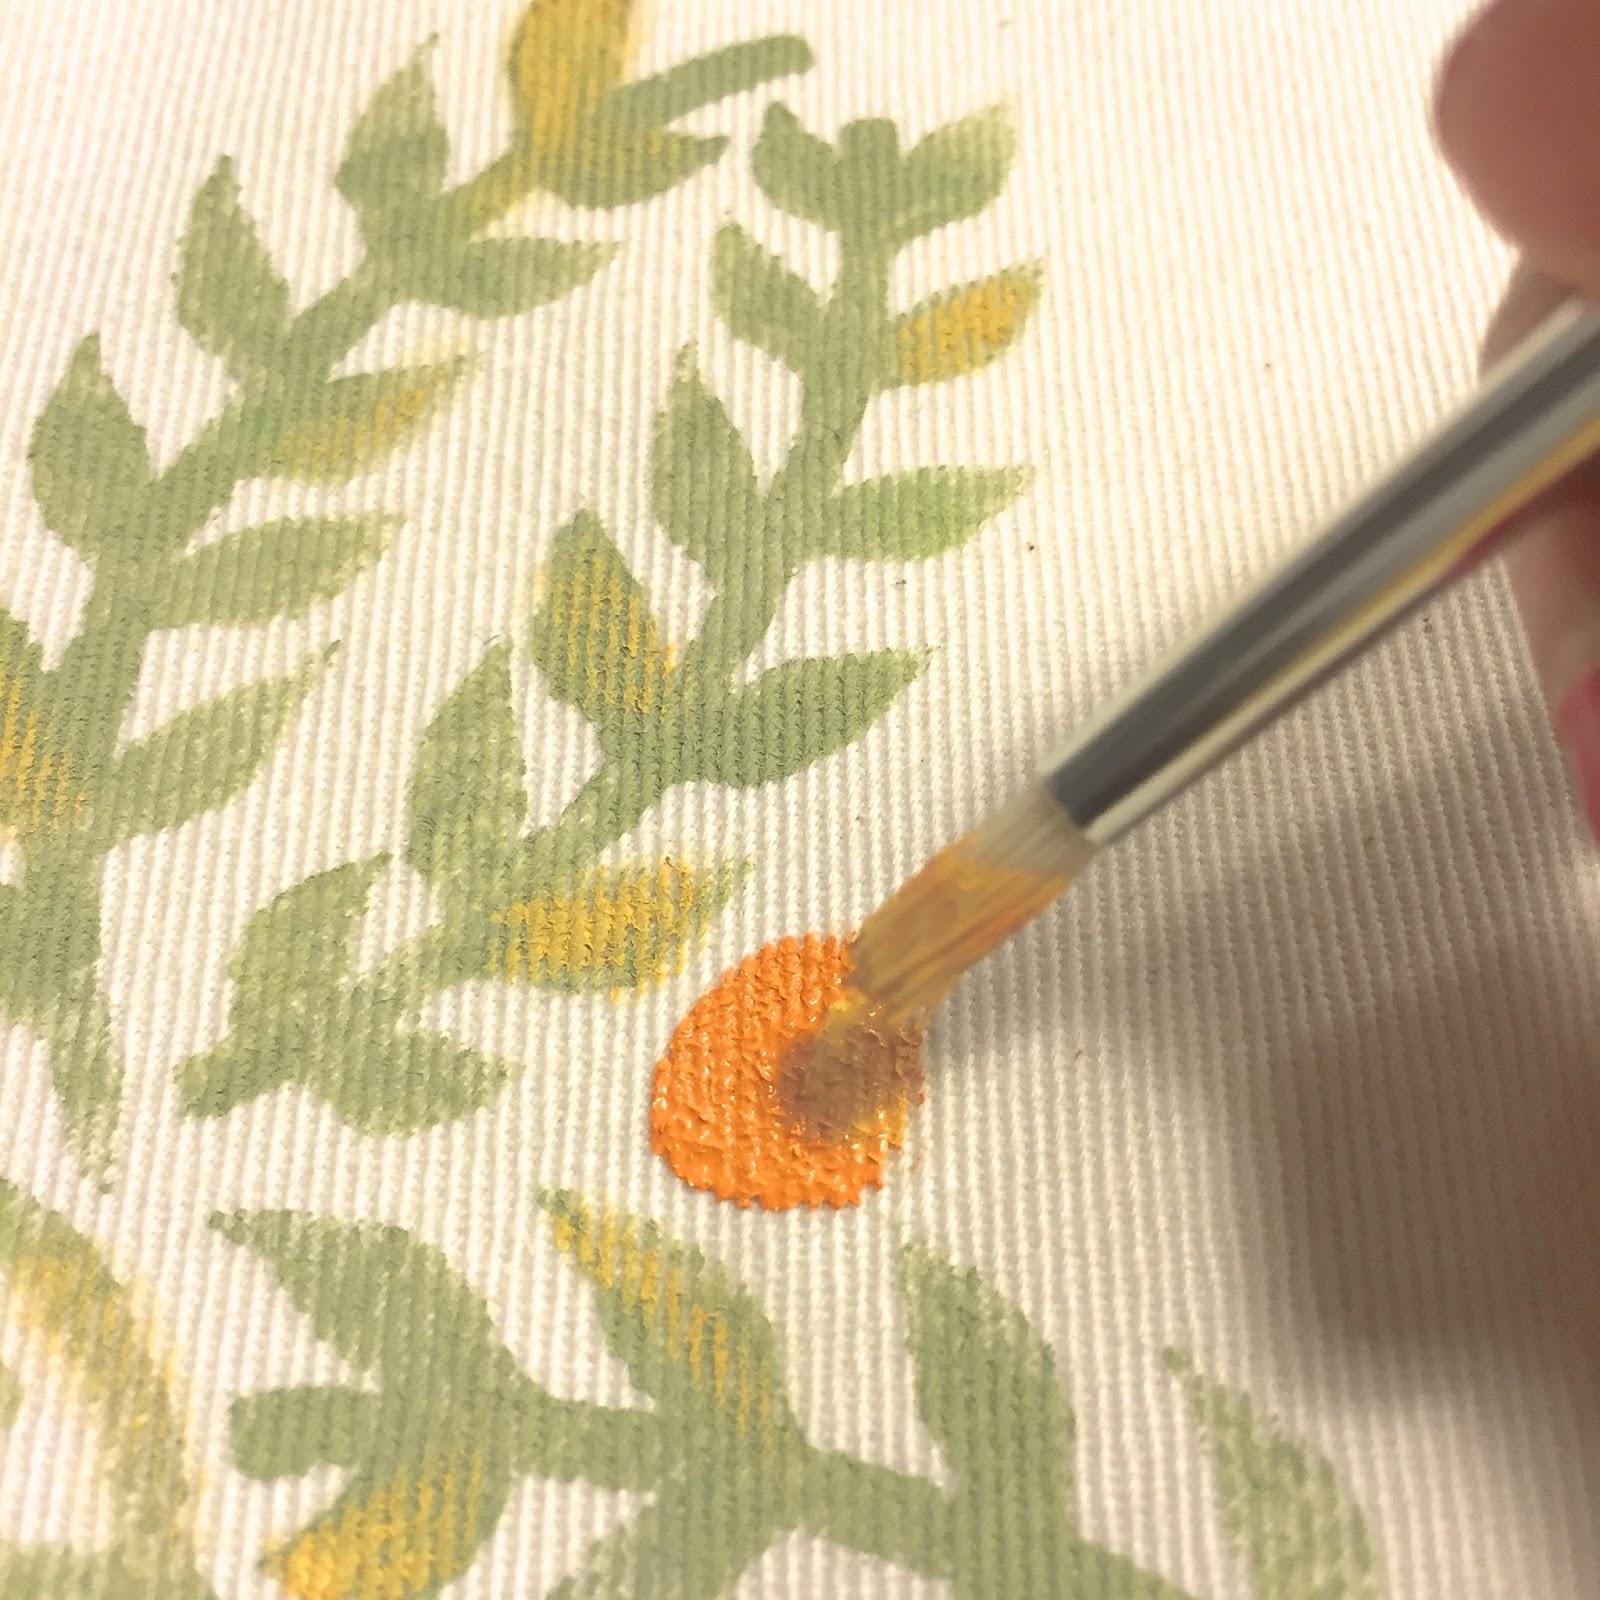 Delipapel: DIY Mantel individual con plantillas de verano y chalk paint